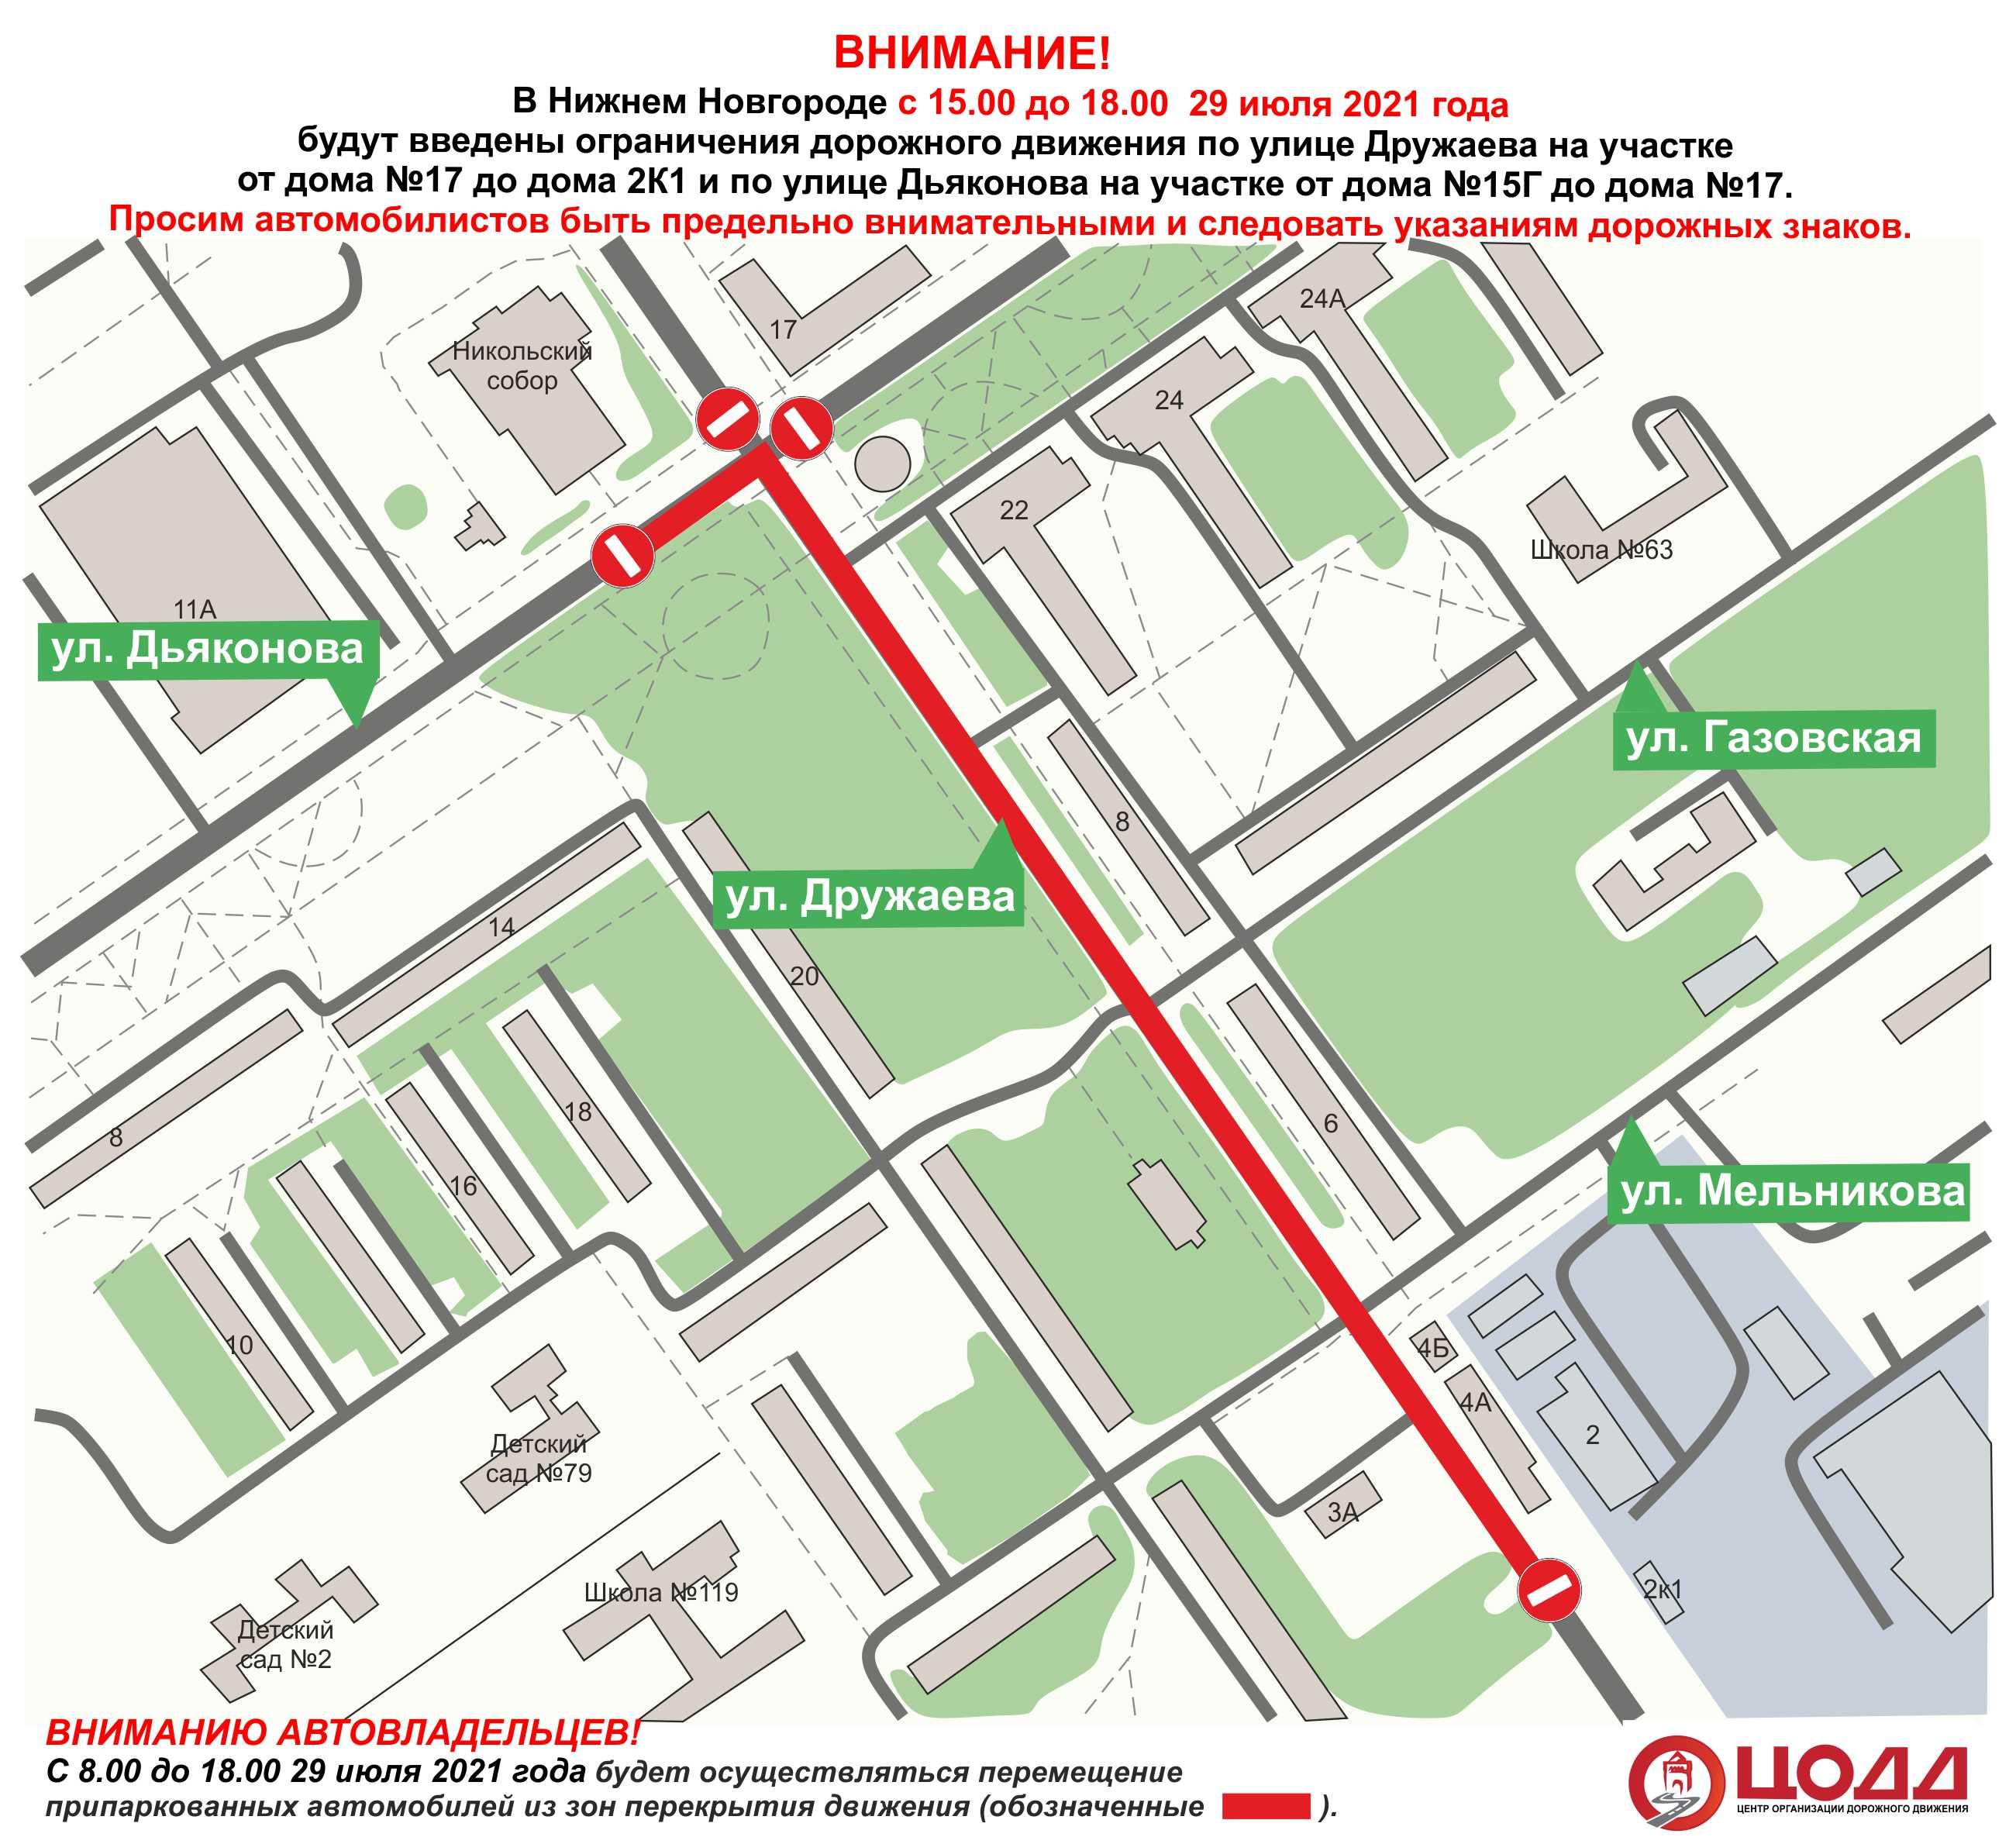 Движение транспорта ограничат на  Дружаева и Дьяконова 29 июля - фото 1